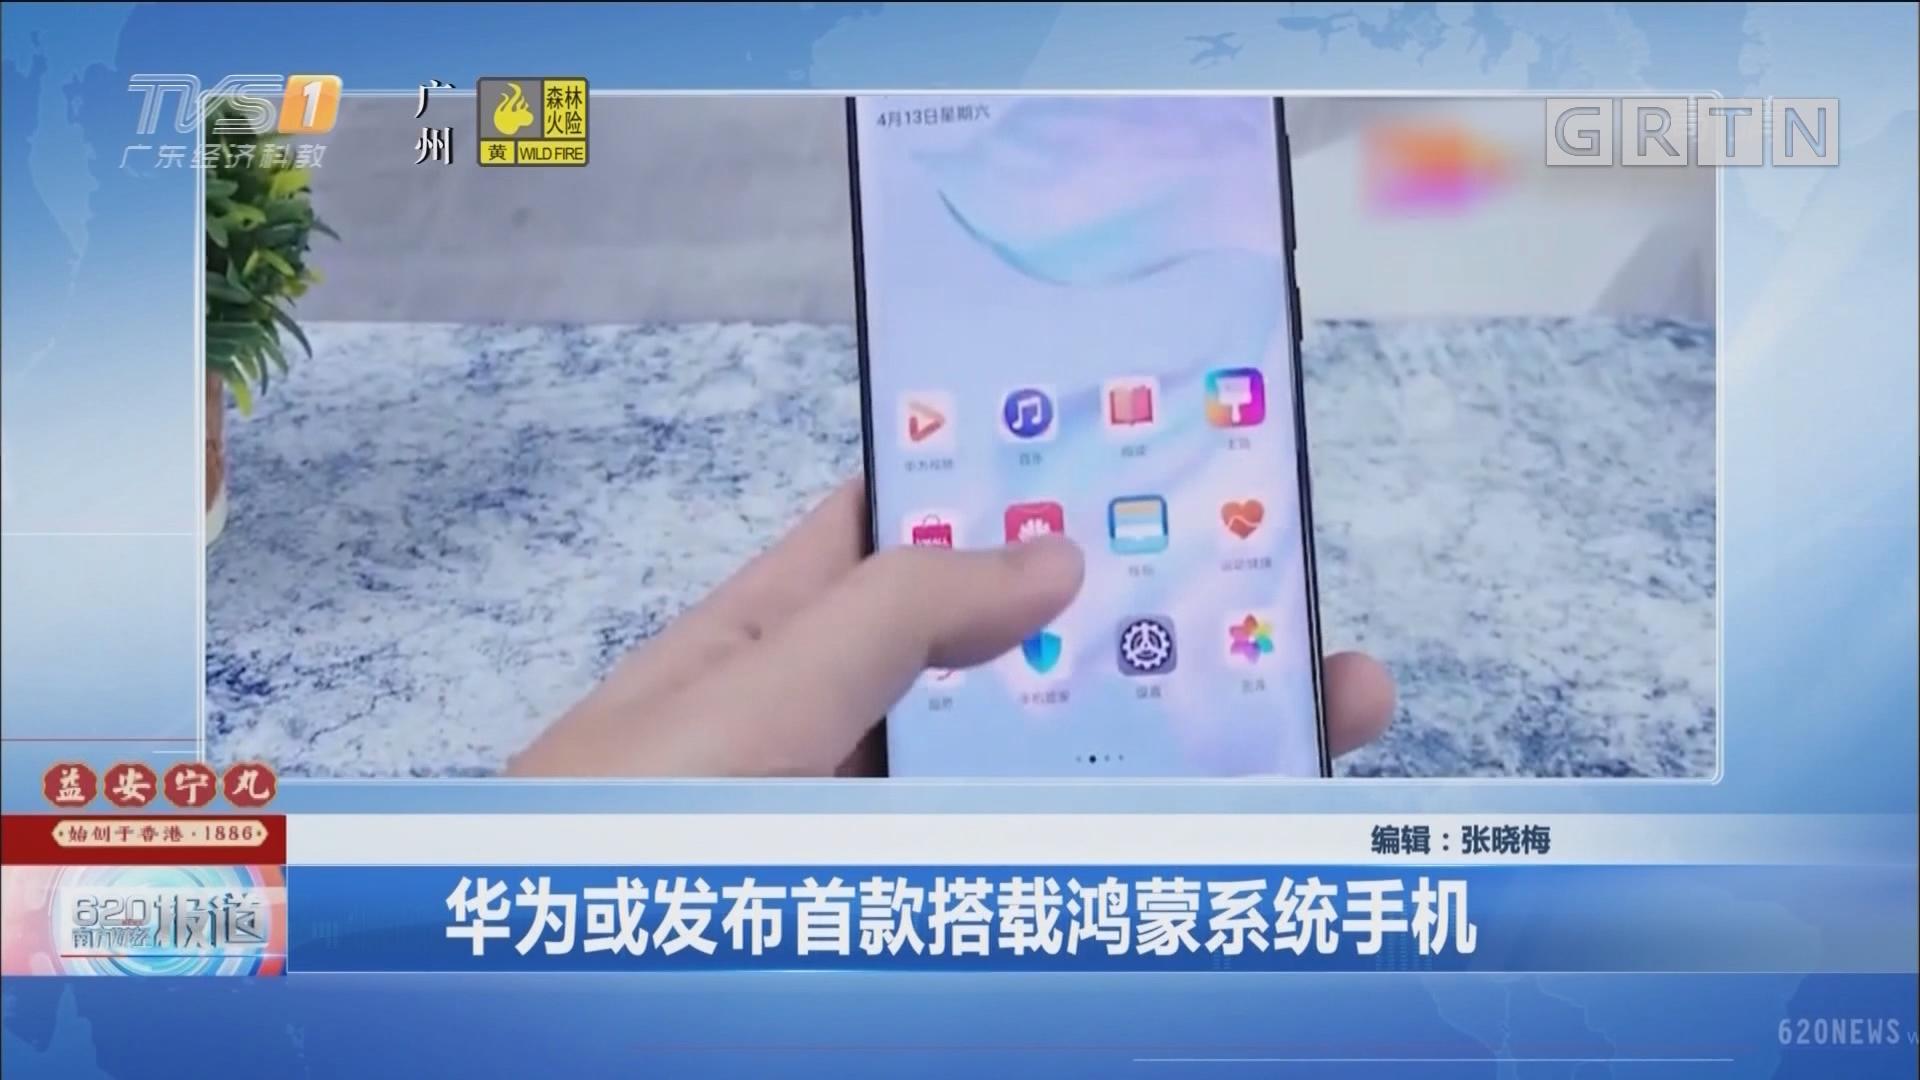 华为或发布首款搭载鸿蒙系统手机